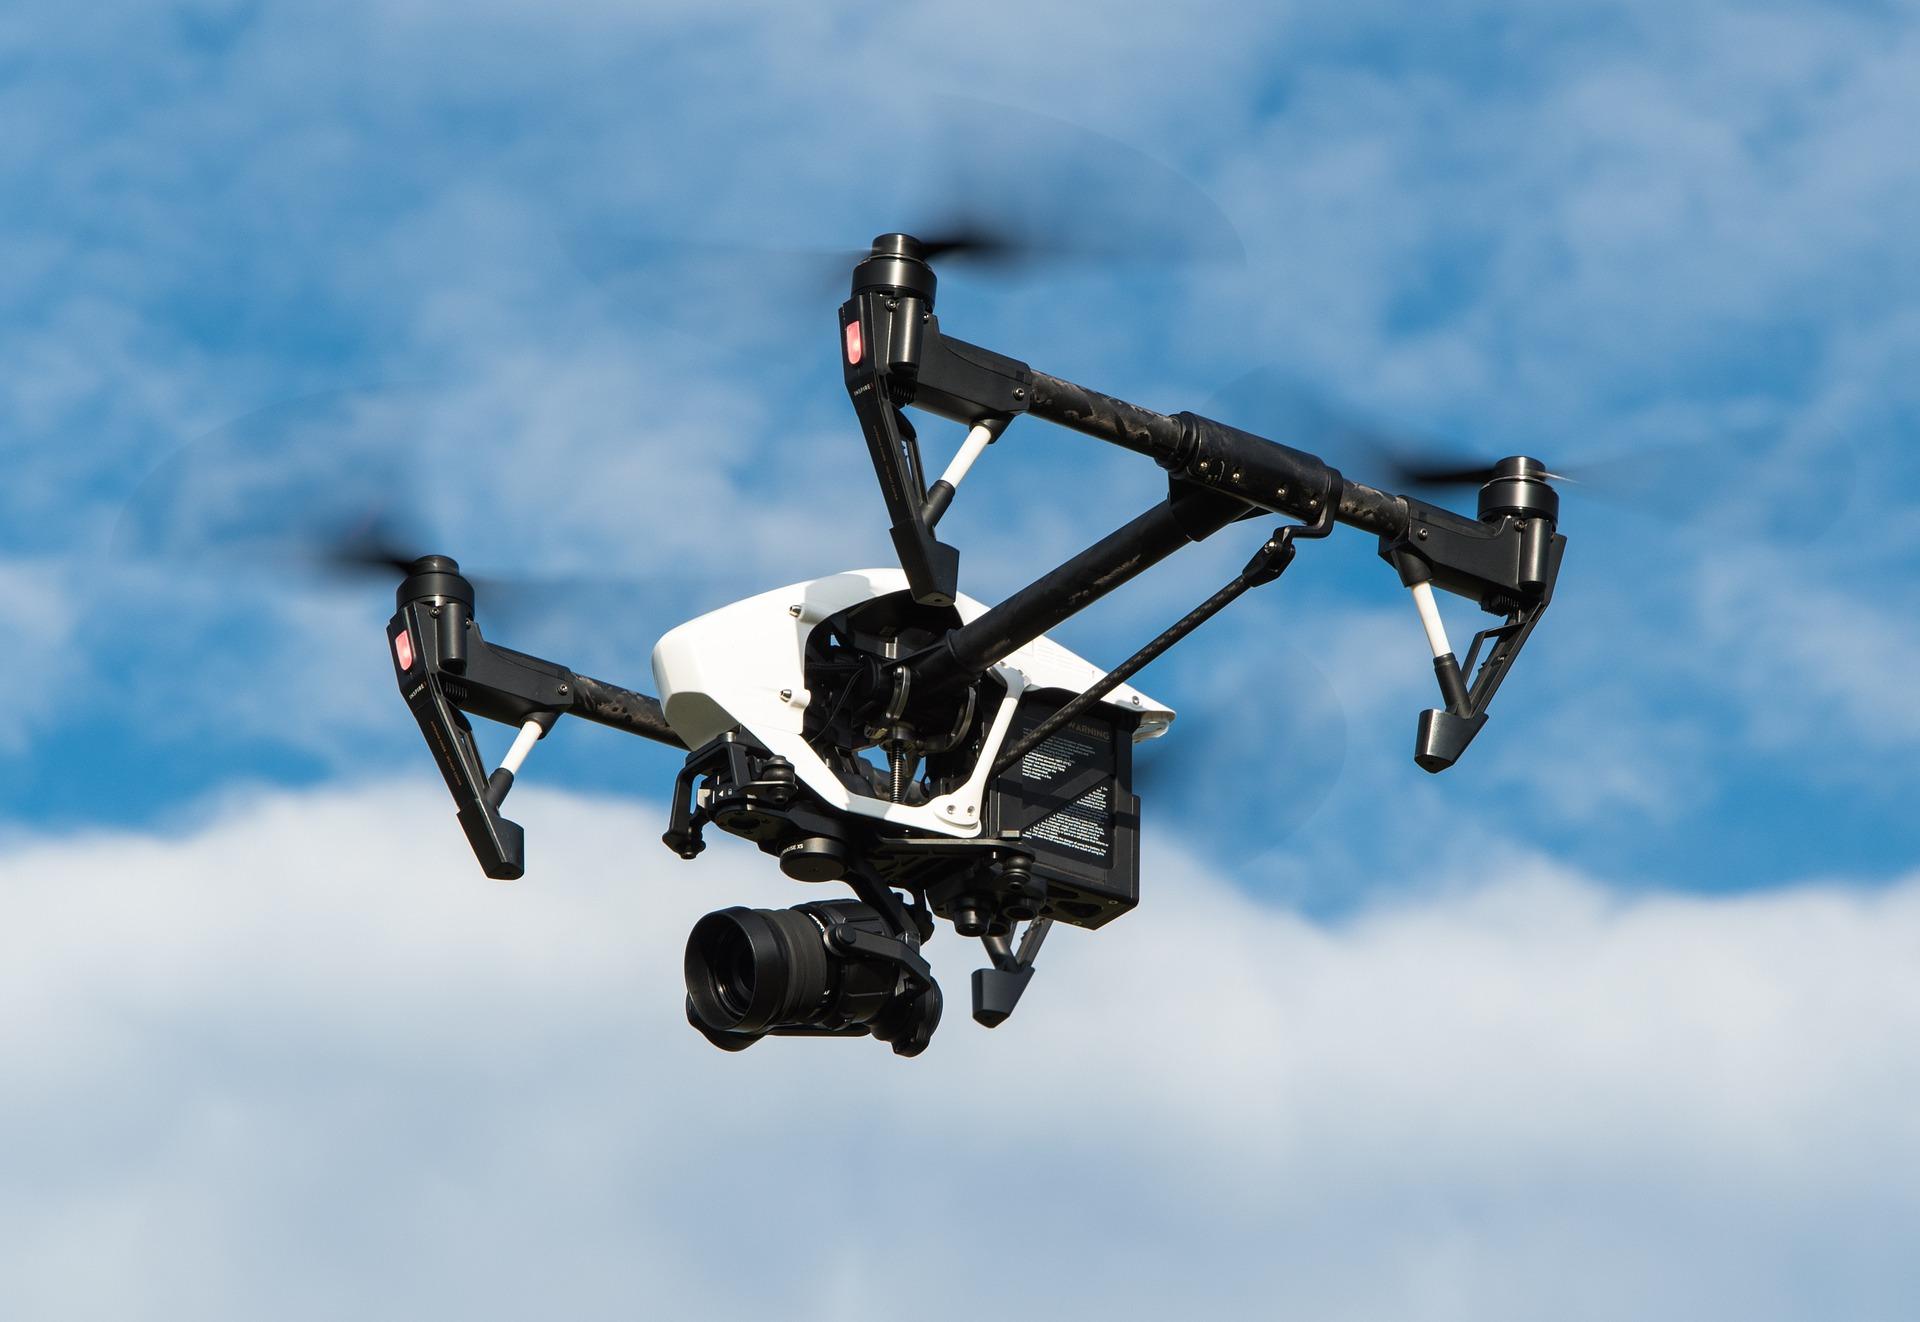 Fotografen maken de mooiste foto's met behulp van een drone